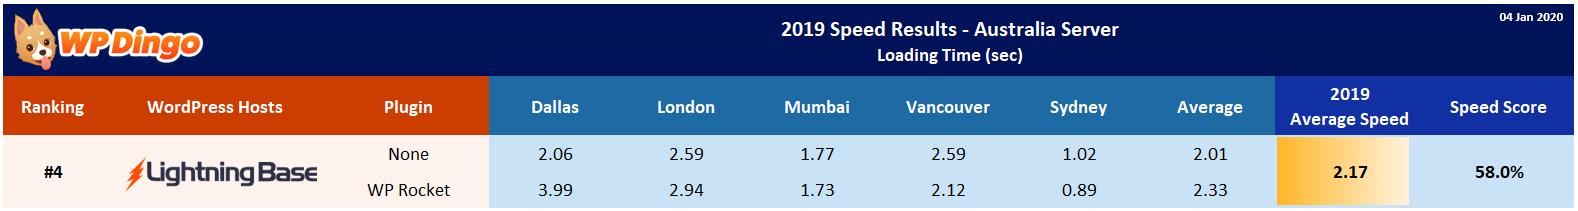 2019 Lightning Base Speed Table - Australia Server